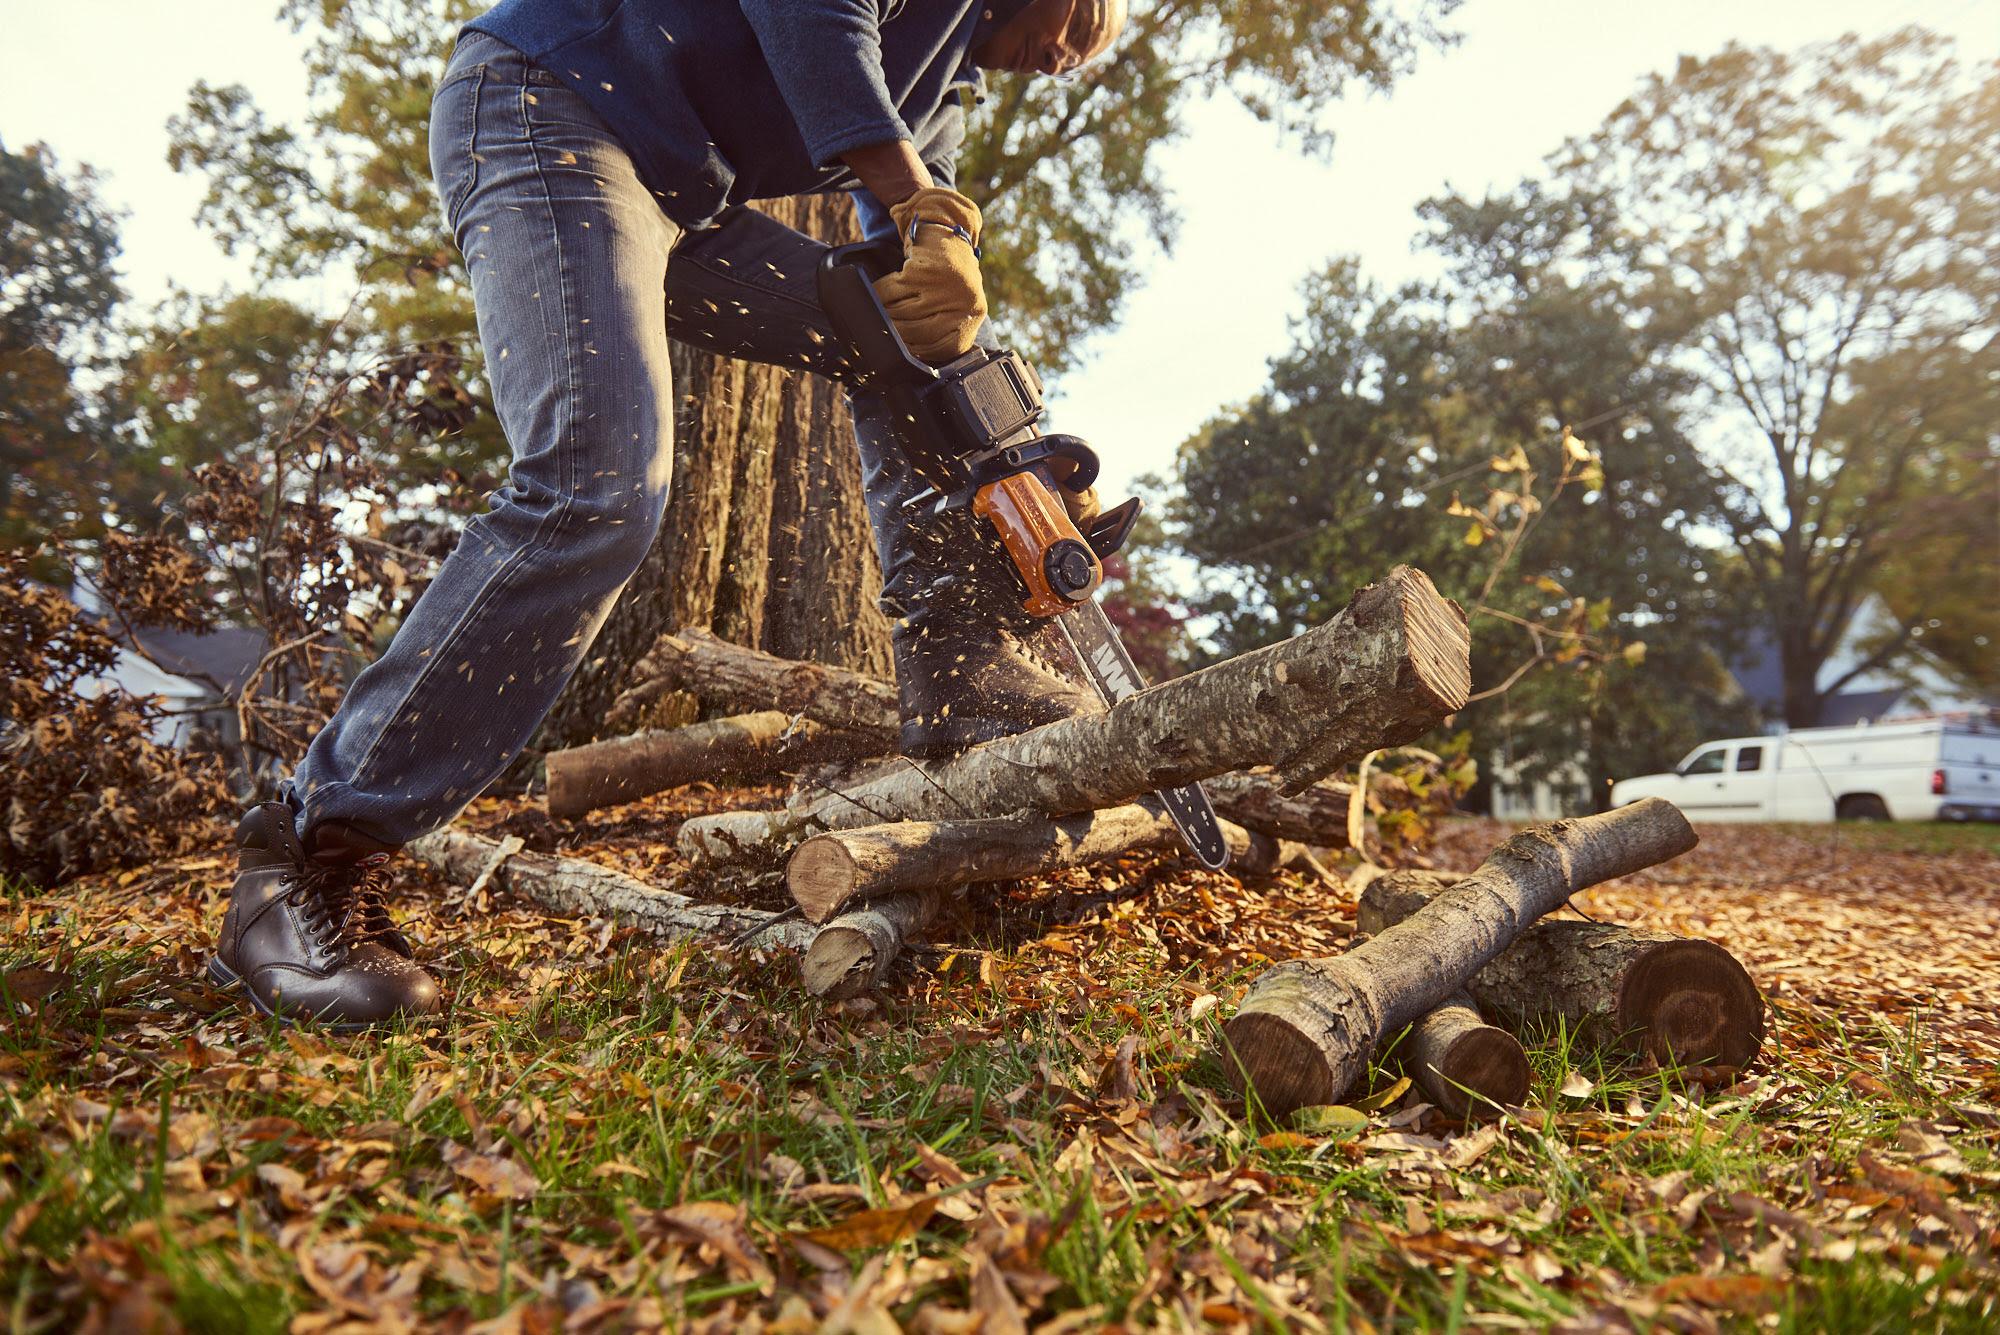 Worx 40V Chainsaw Log Cutting 2.jpg